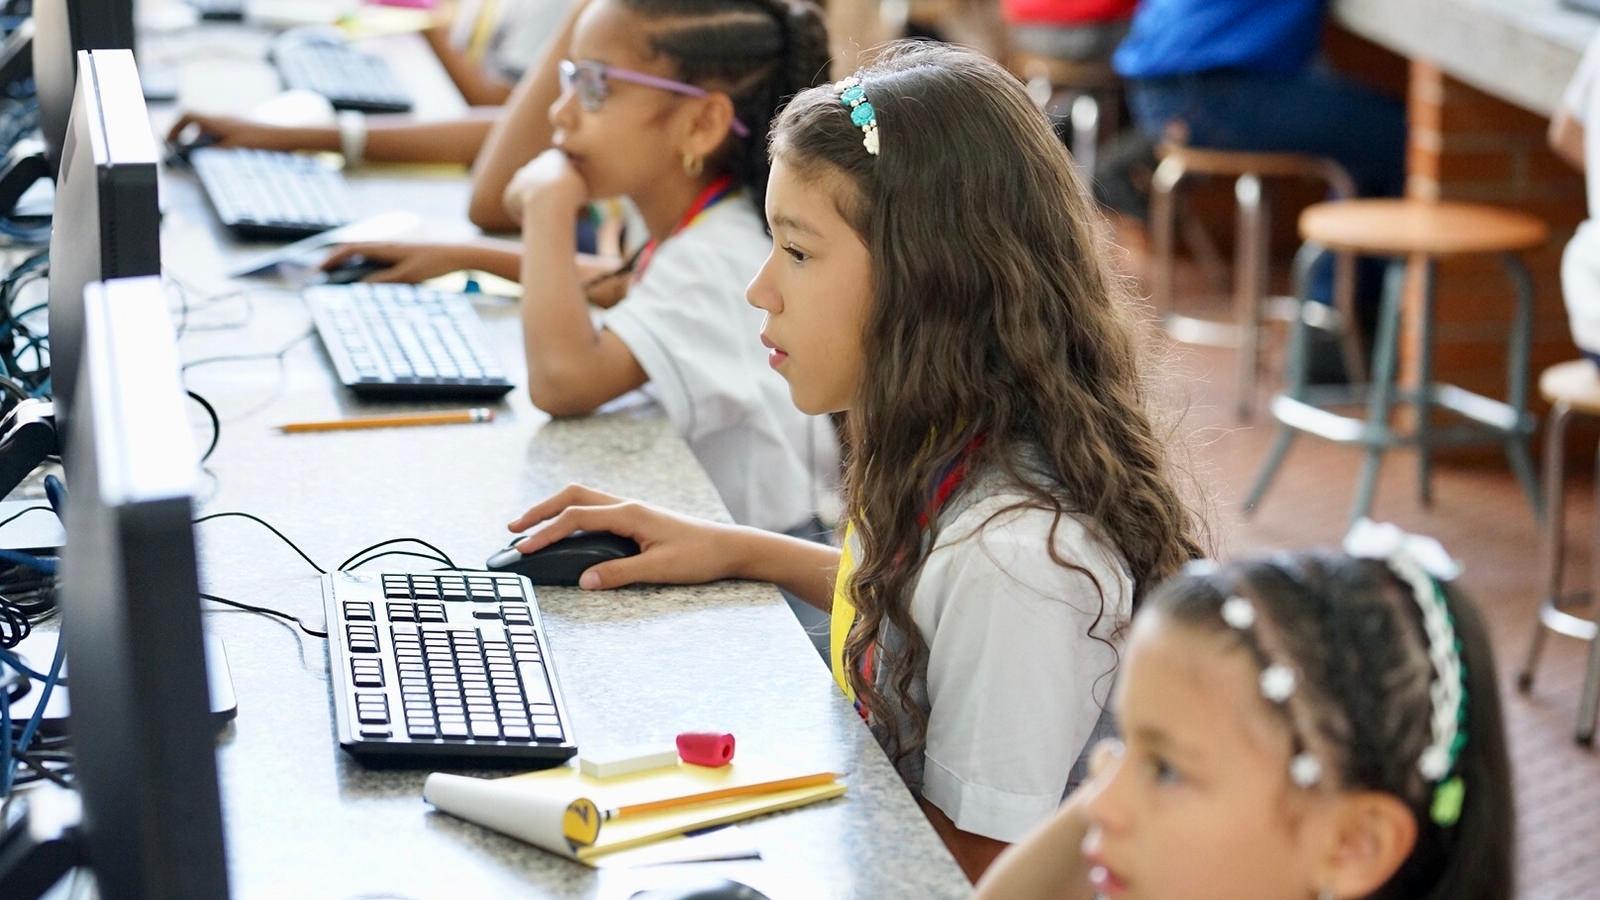 ONU aprobó US$ 27 millones para educación de niños migrantes